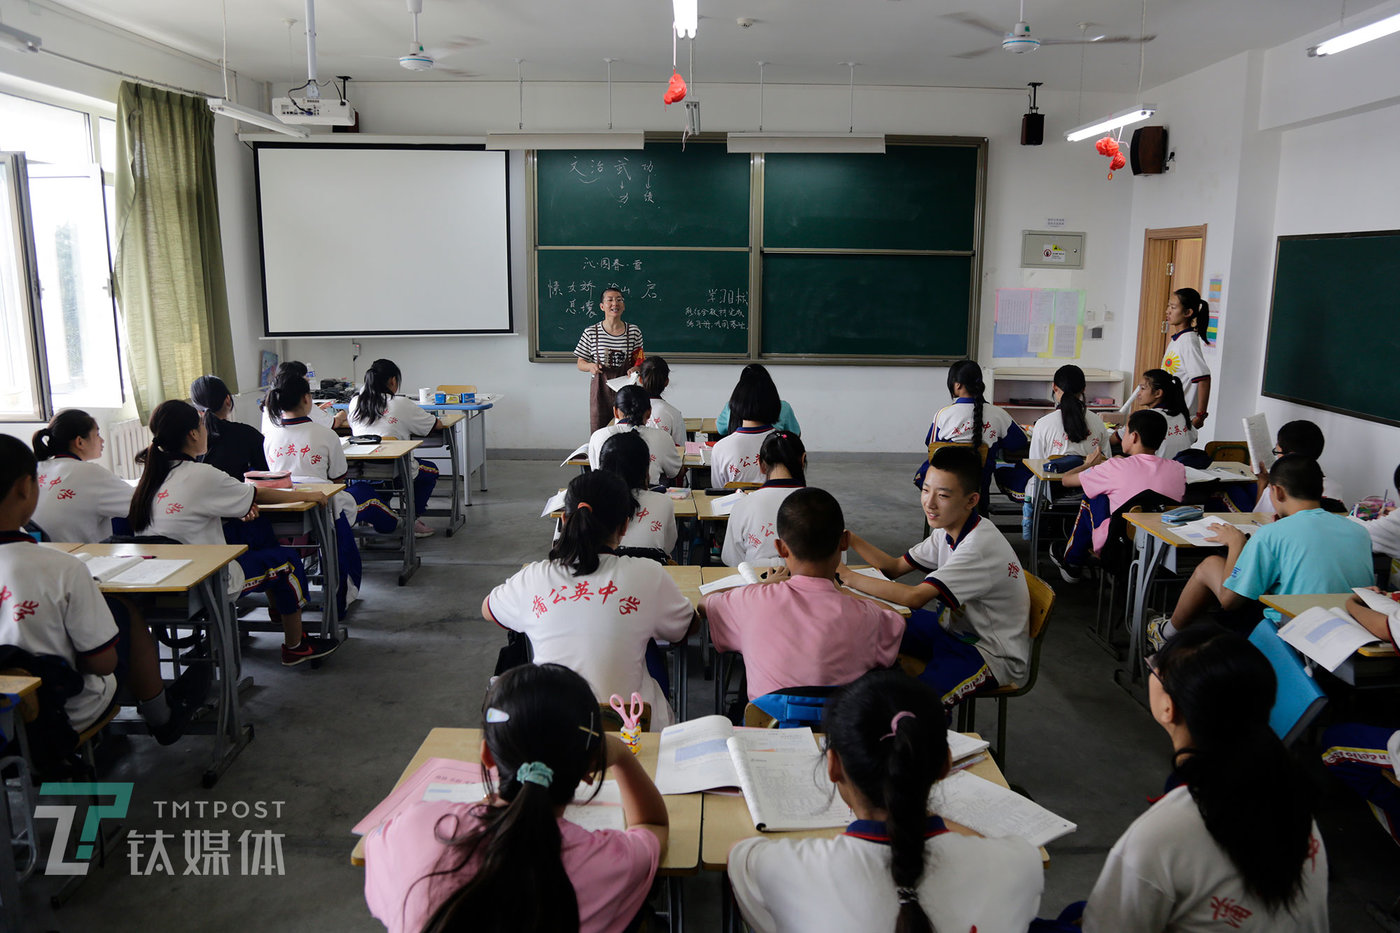 2019年9月5日,蒲公英中学新校区,学生在新教室上课。